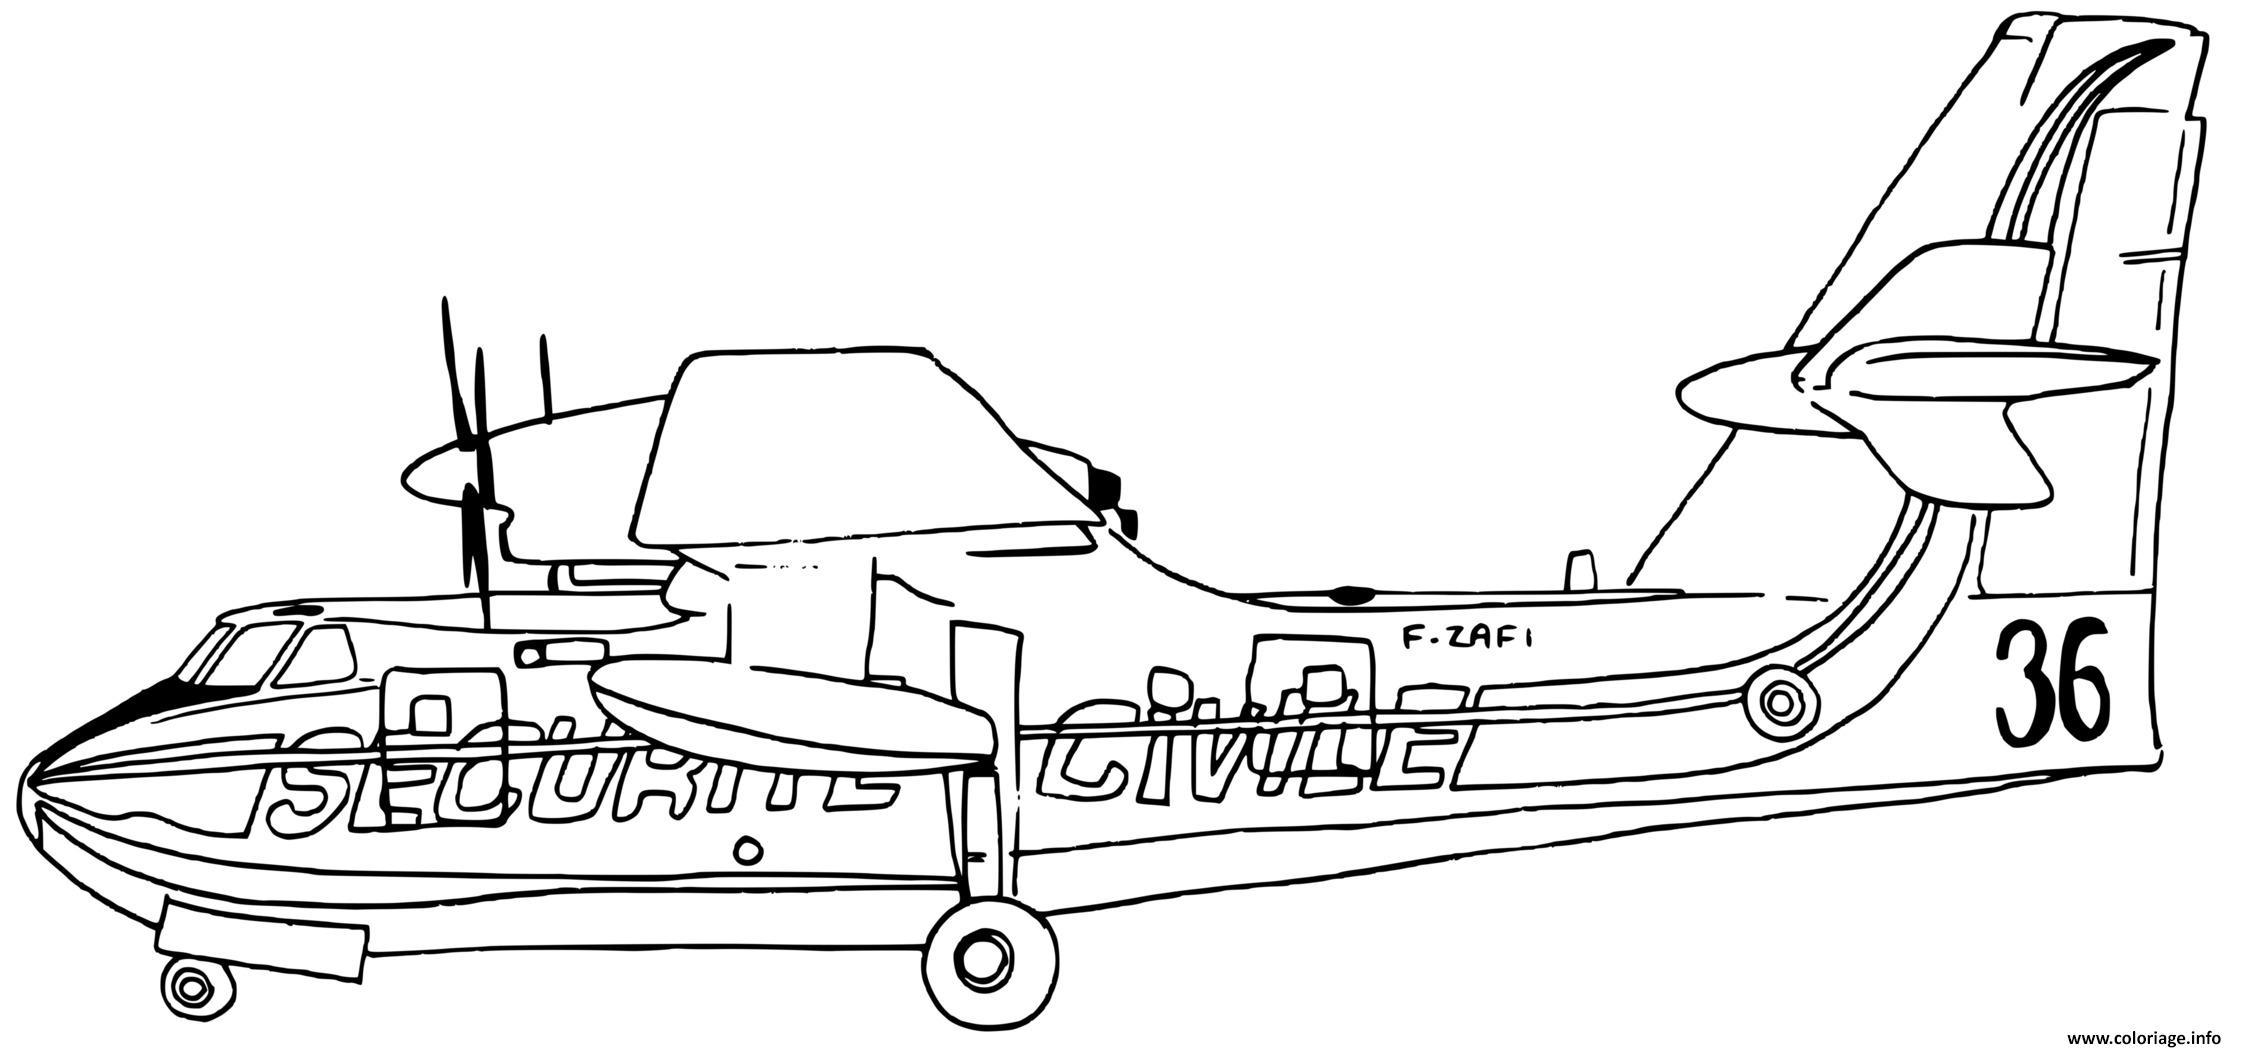 Dessin avion de pompier pour eteindre les feux de montagne Coloriage Gratuit à Imprimer